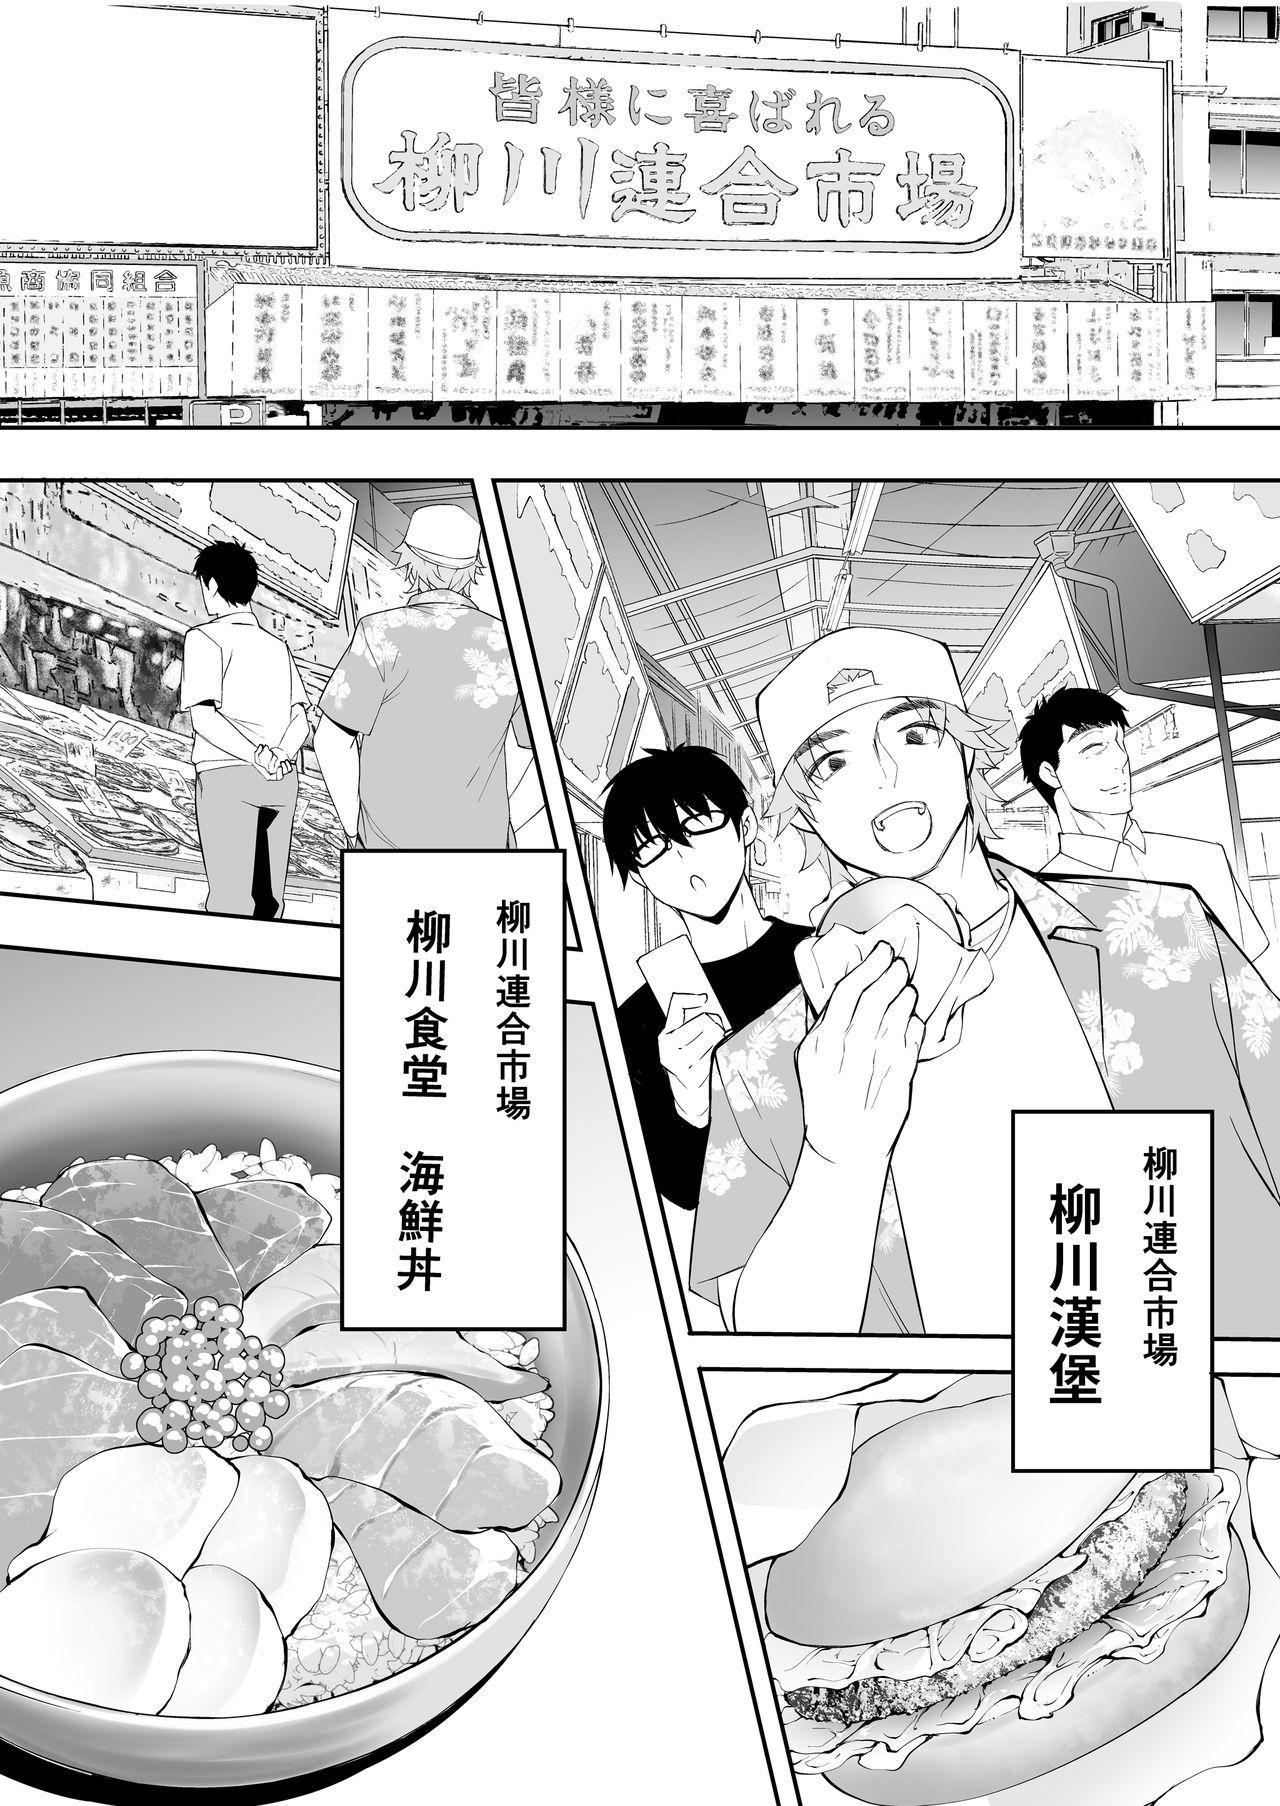 Panpan Travelers Hakata Shuudan Rape Ryokou | 吃飯兼炒飯TRAVELERS~博多集團強●旅行 21